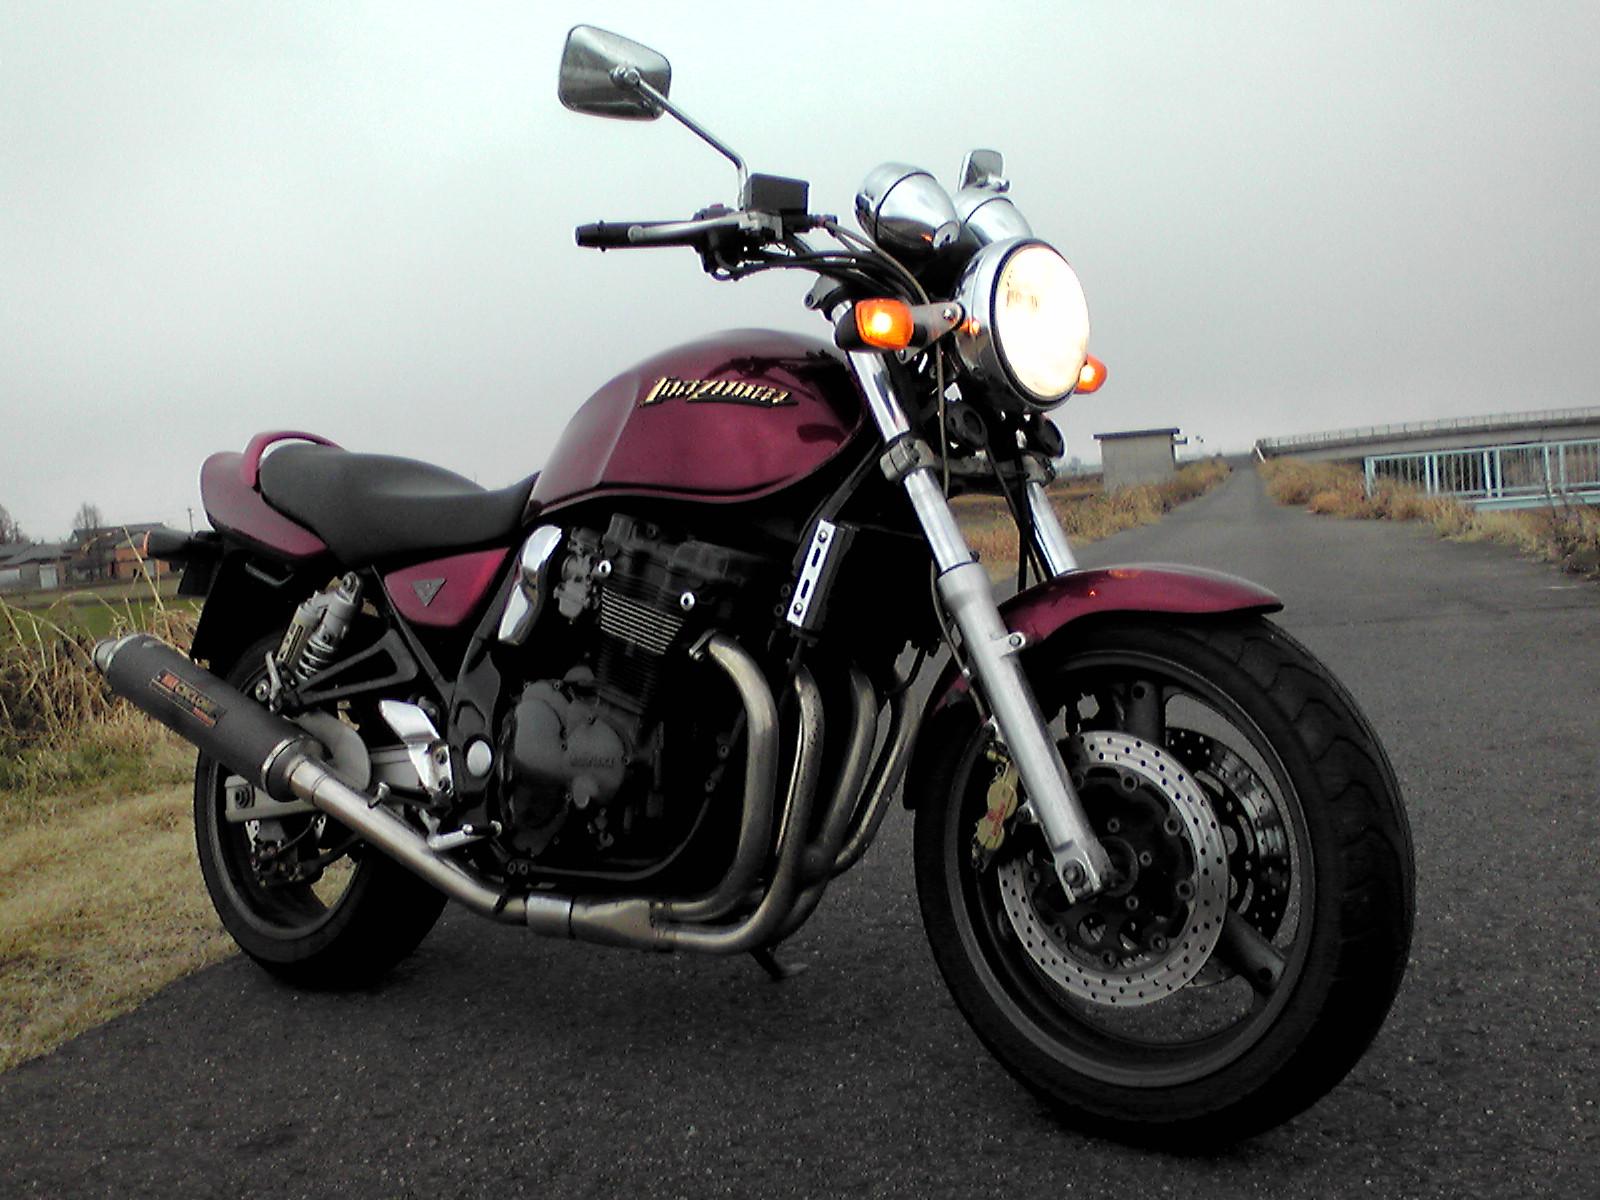 ビッグバイクのような乗り味!スズキ イナズマ400の中古購入者必見!のサムネイル画像